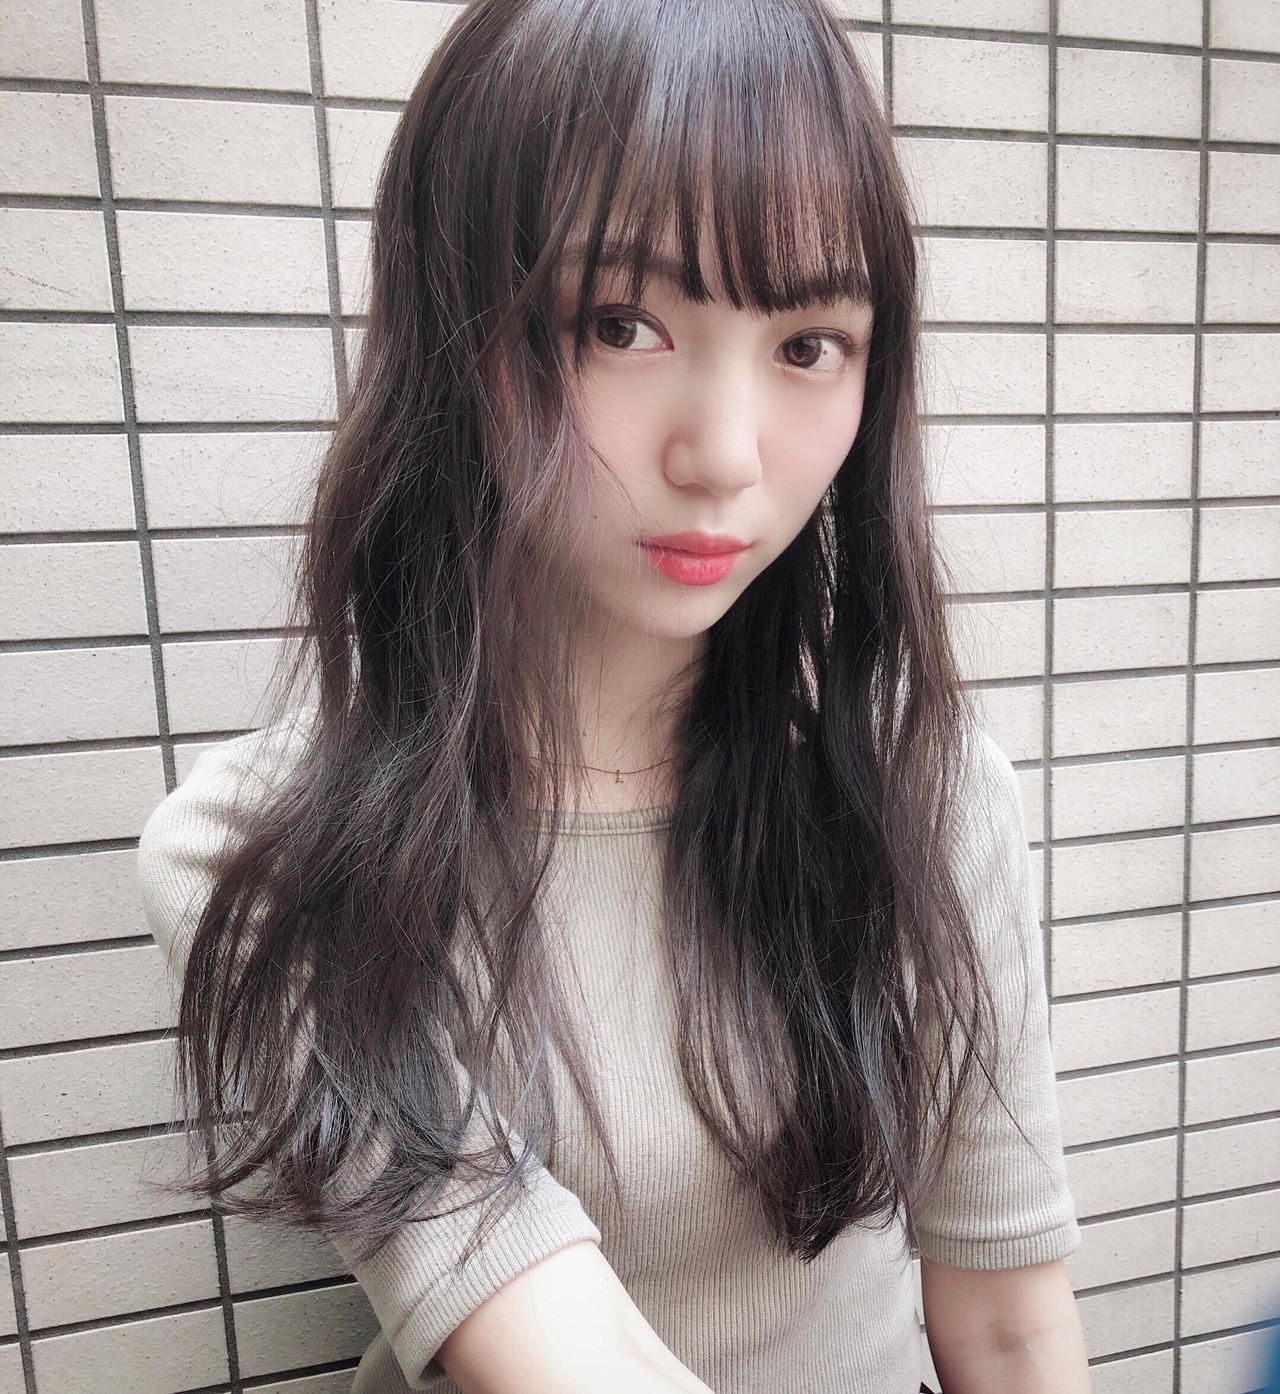 ブルベさんにおすすめ!外国人風のフェミニンな3Dハイライトカラー Takashi TetoneSHIKIO HAIR DESIGN